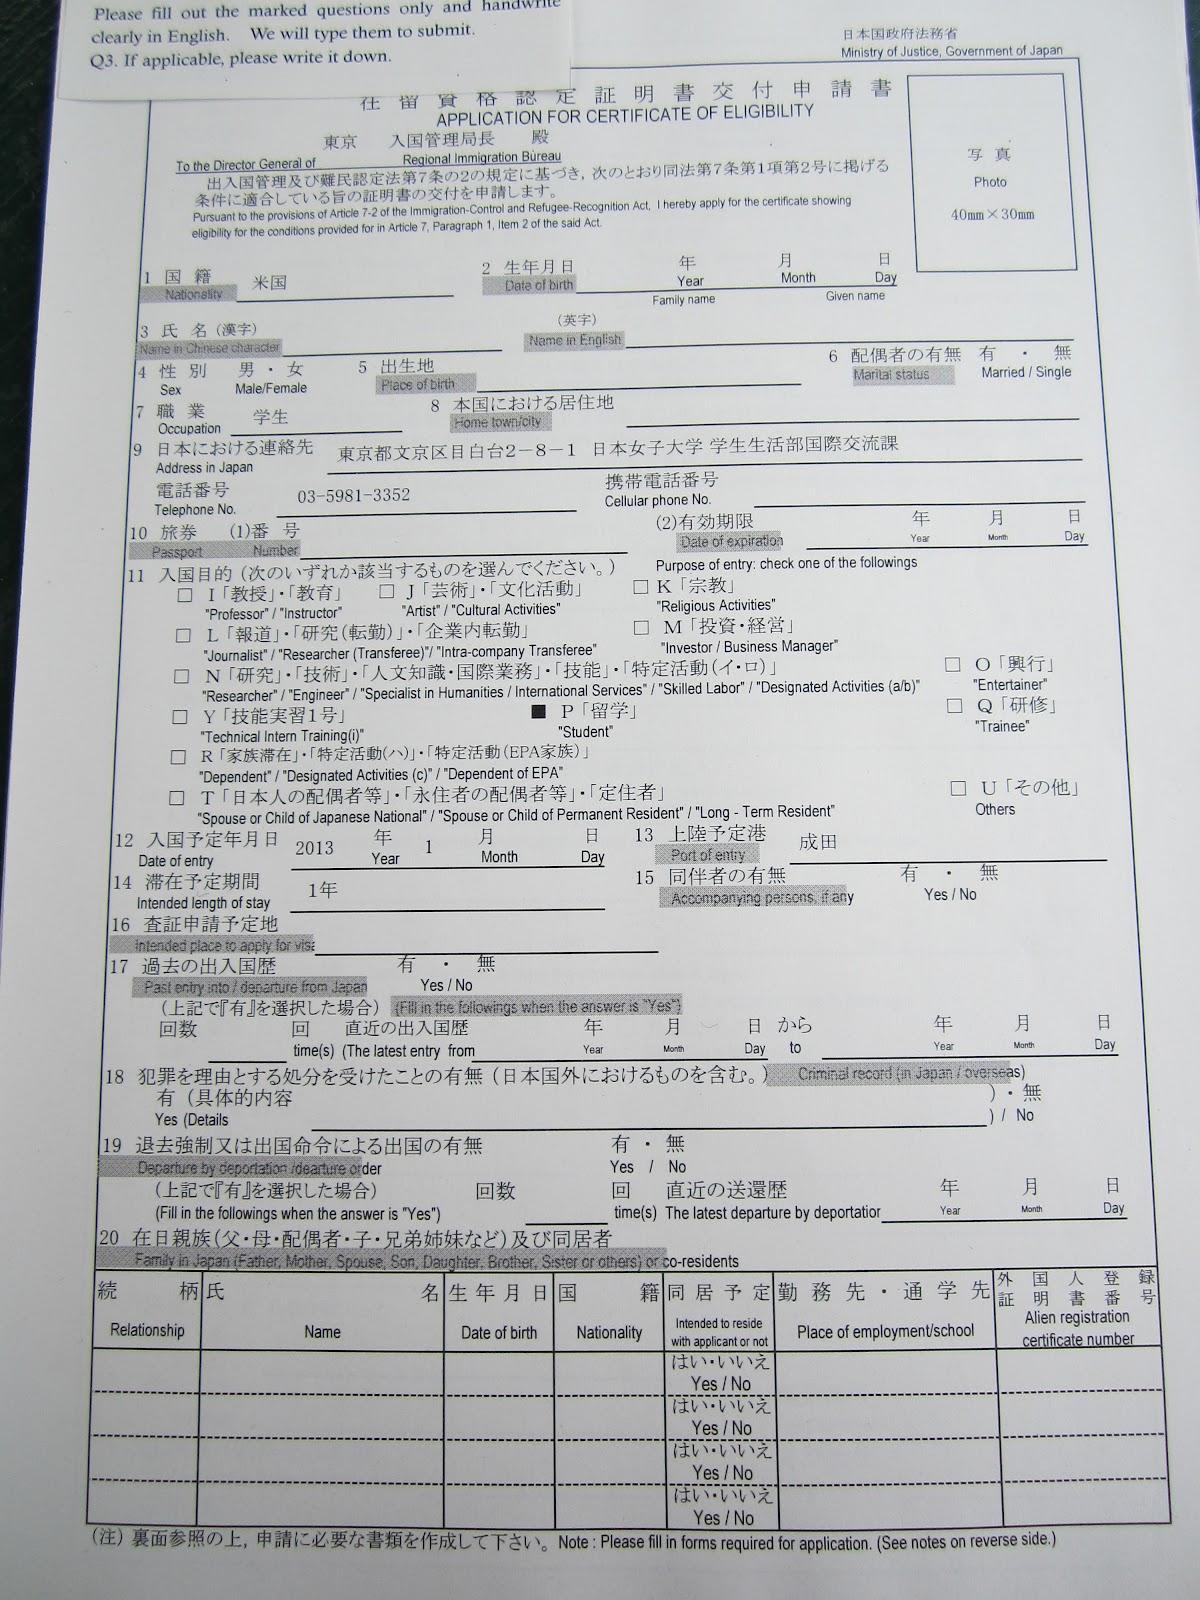 IMG_1183 Visa Application Form For Japan on japan visa stamp, japan student visa, japan visa to enter, example application form, japan visa application fee, japan immigration, dating application form, japan tourist,